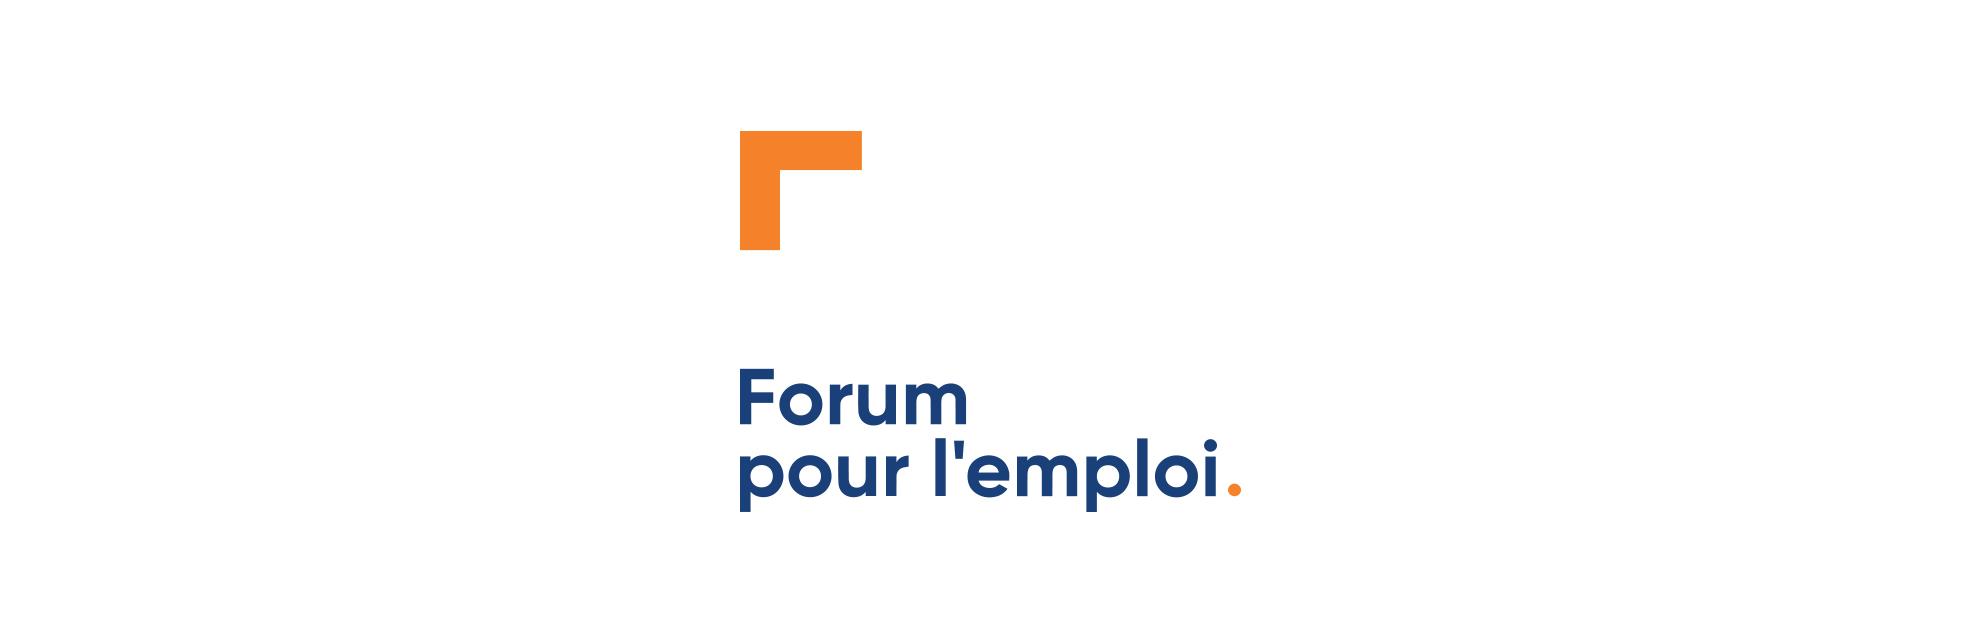 Nouveau Logo Forum pour l'emploi